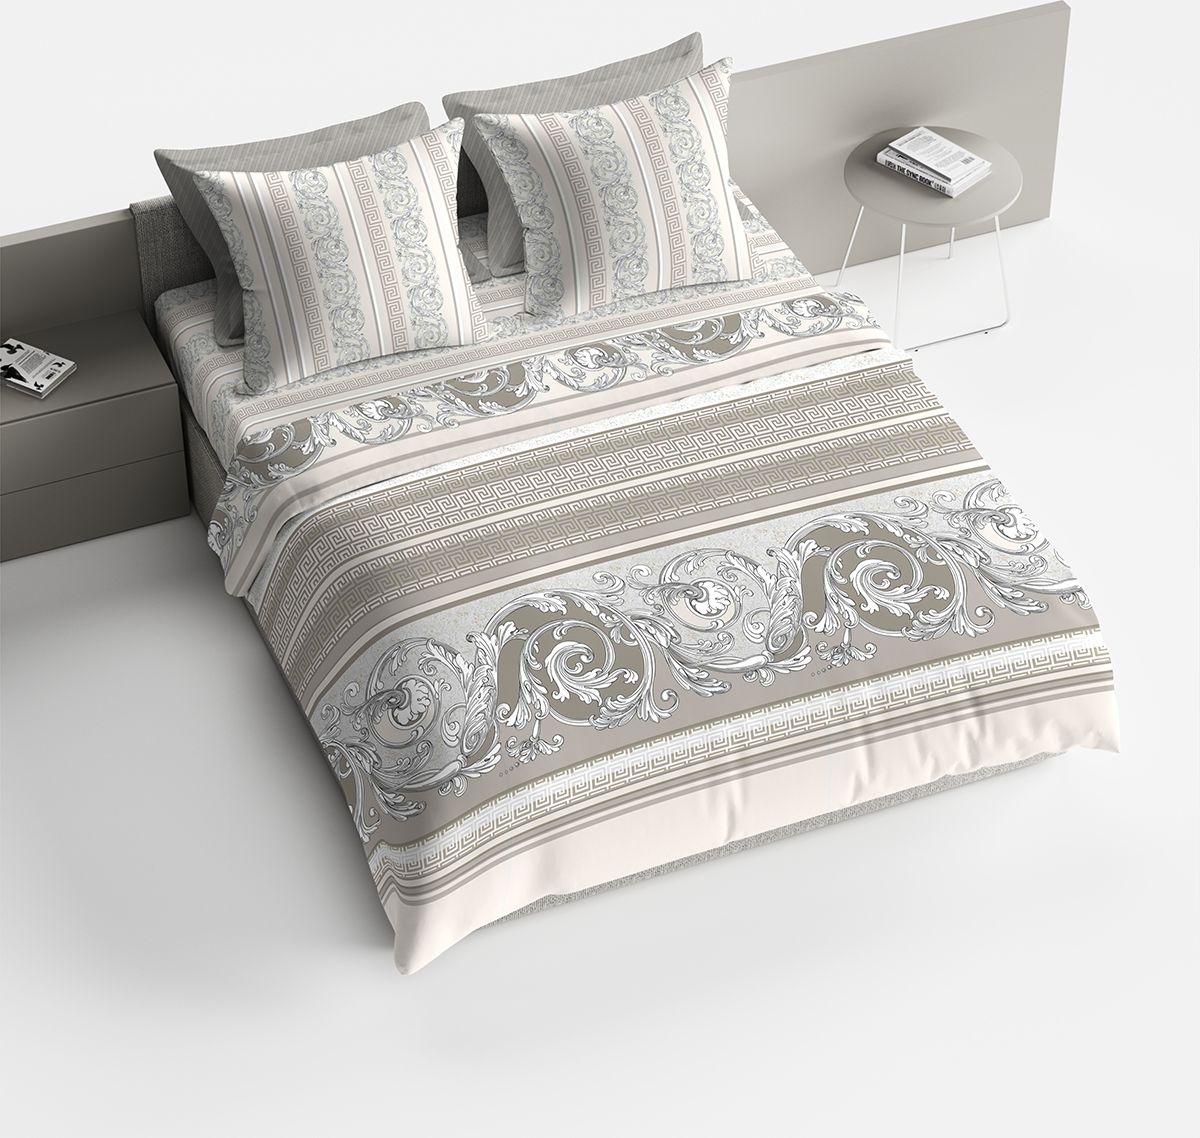 Комплект белья Браво Барокко, 1,5-спальное, наволочки 70x70, цвет: серый90410Комплекты постельного белья из ткани LUX COTTON (высококачественный поплин), сотканной из длинноволокнистого египетского хлопка, созданы специально для людей с оригинальным вкусом, предпочитающим современные решения в интерьере. Обновленная стильная упаковка делает этот комплект отличным подарком. • Равноплотная ткань из 100% хлопка; • Обработана по технологии мерсеризации и санфоризации; • Мягкая и нежная на ощупь; • Устойчива к трению; • Обладает высокими показателями гигроскопичности (впитывает влагу); • Выдерживает частые стирки, сохраняя первоначальные цвет, форму и размеры; • Безопасные красители ведущего немецкого производителя BEZEMA